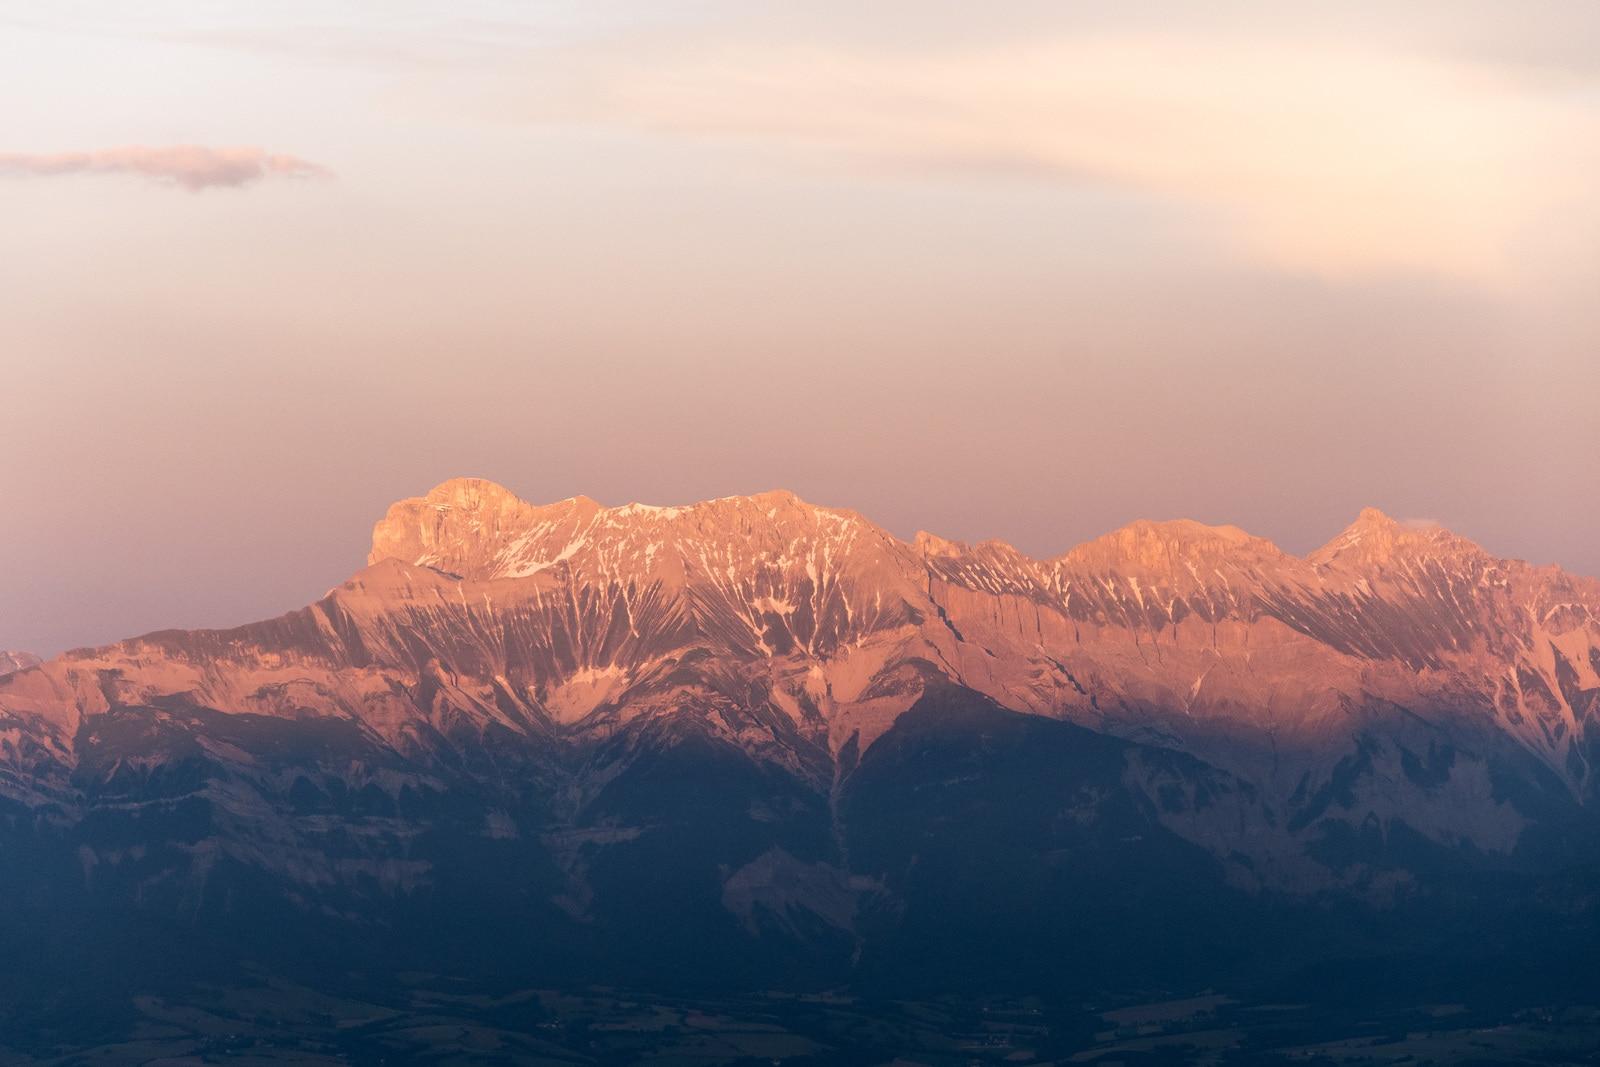 montagnes roses sous le soleil couchant